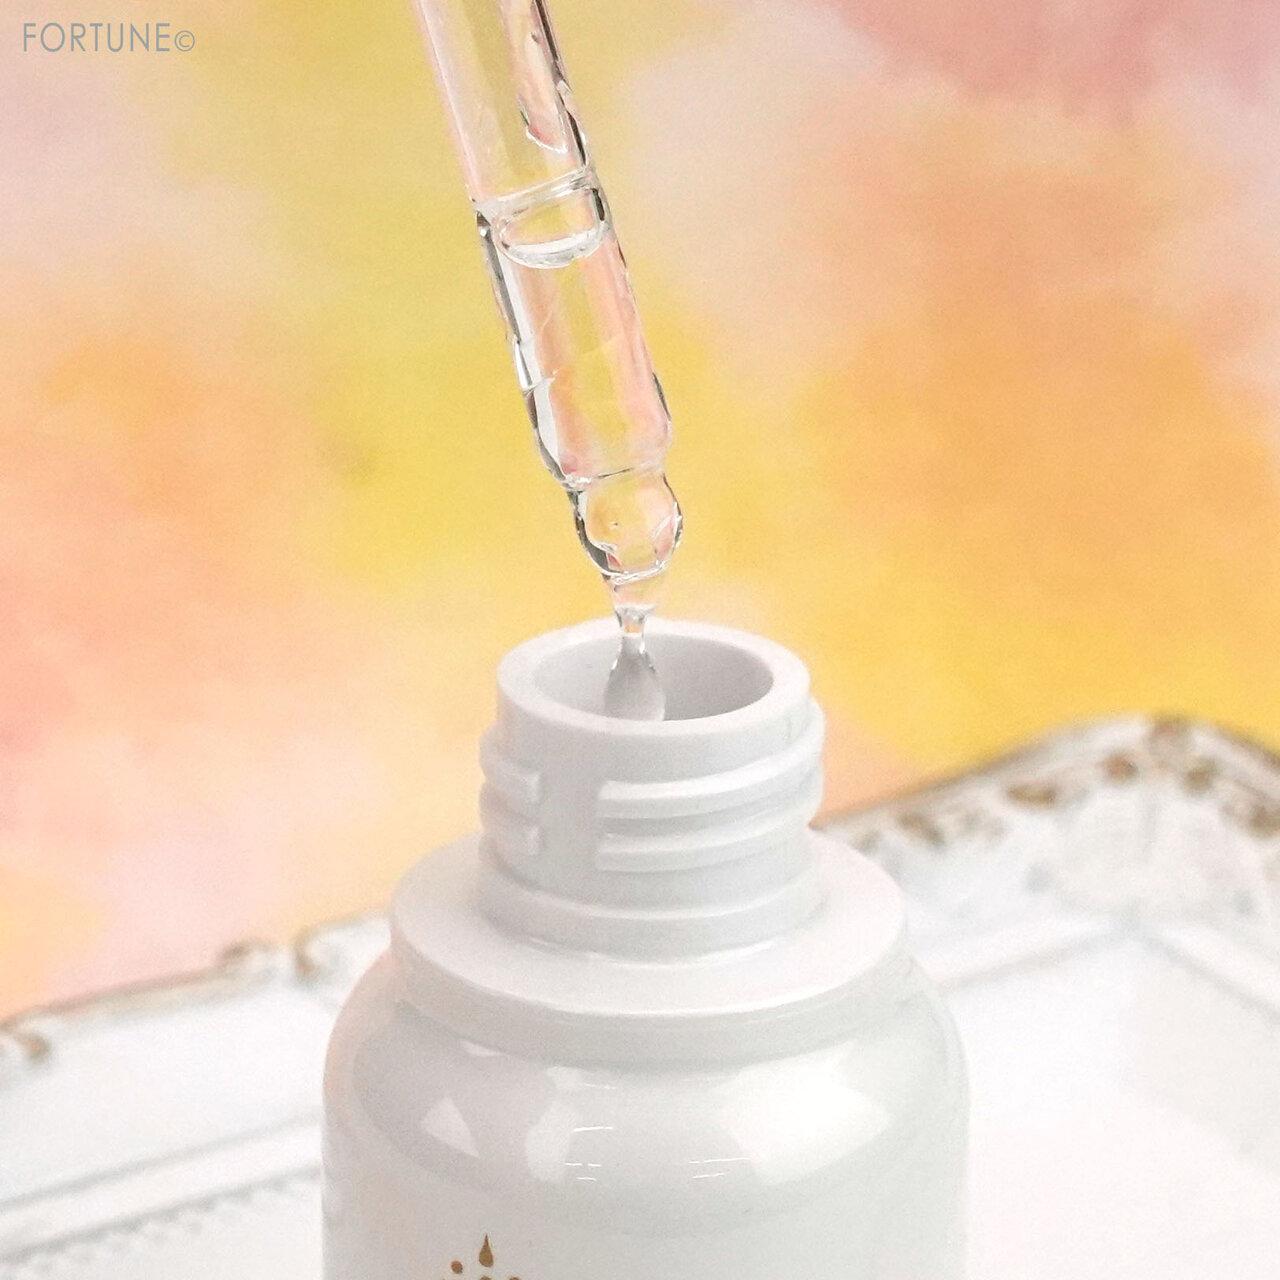 画像:Bionist(ビオニスト)美肌菌×ヒト幹細胞「バイオスキンエッセンス」